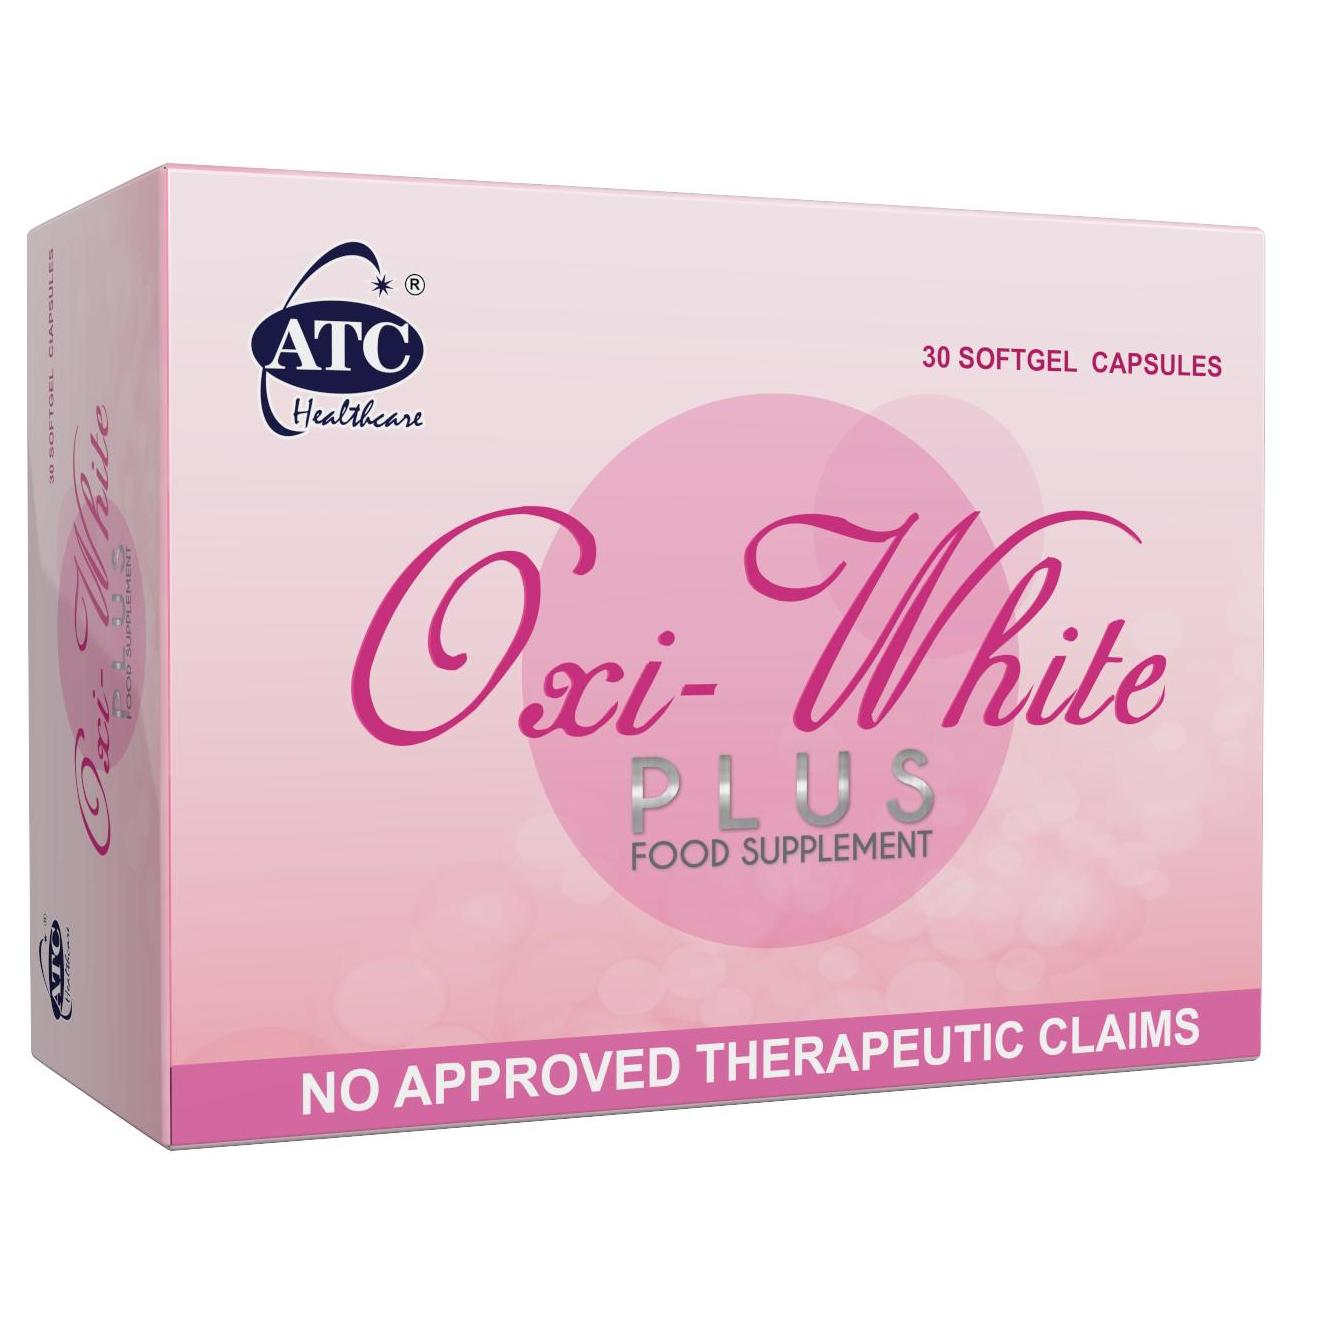 OXI-WHITE PLUS